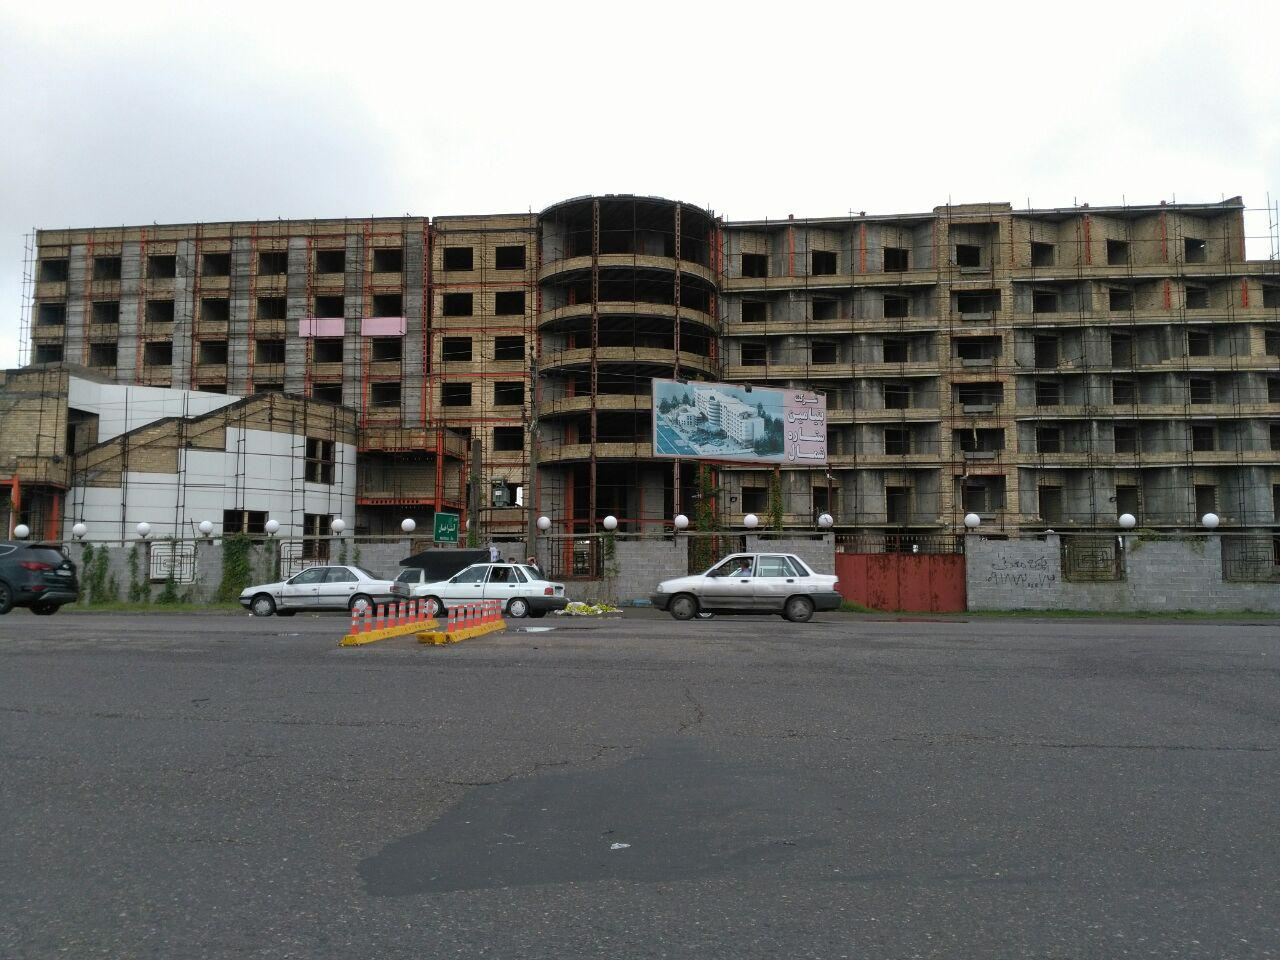 اختصاصی/بی اطلاعی فرماندار از دلیل نیمه کاره بودن هتل درنا رشت با قدمت 12 ساله/آگهی فروش منتشر شد